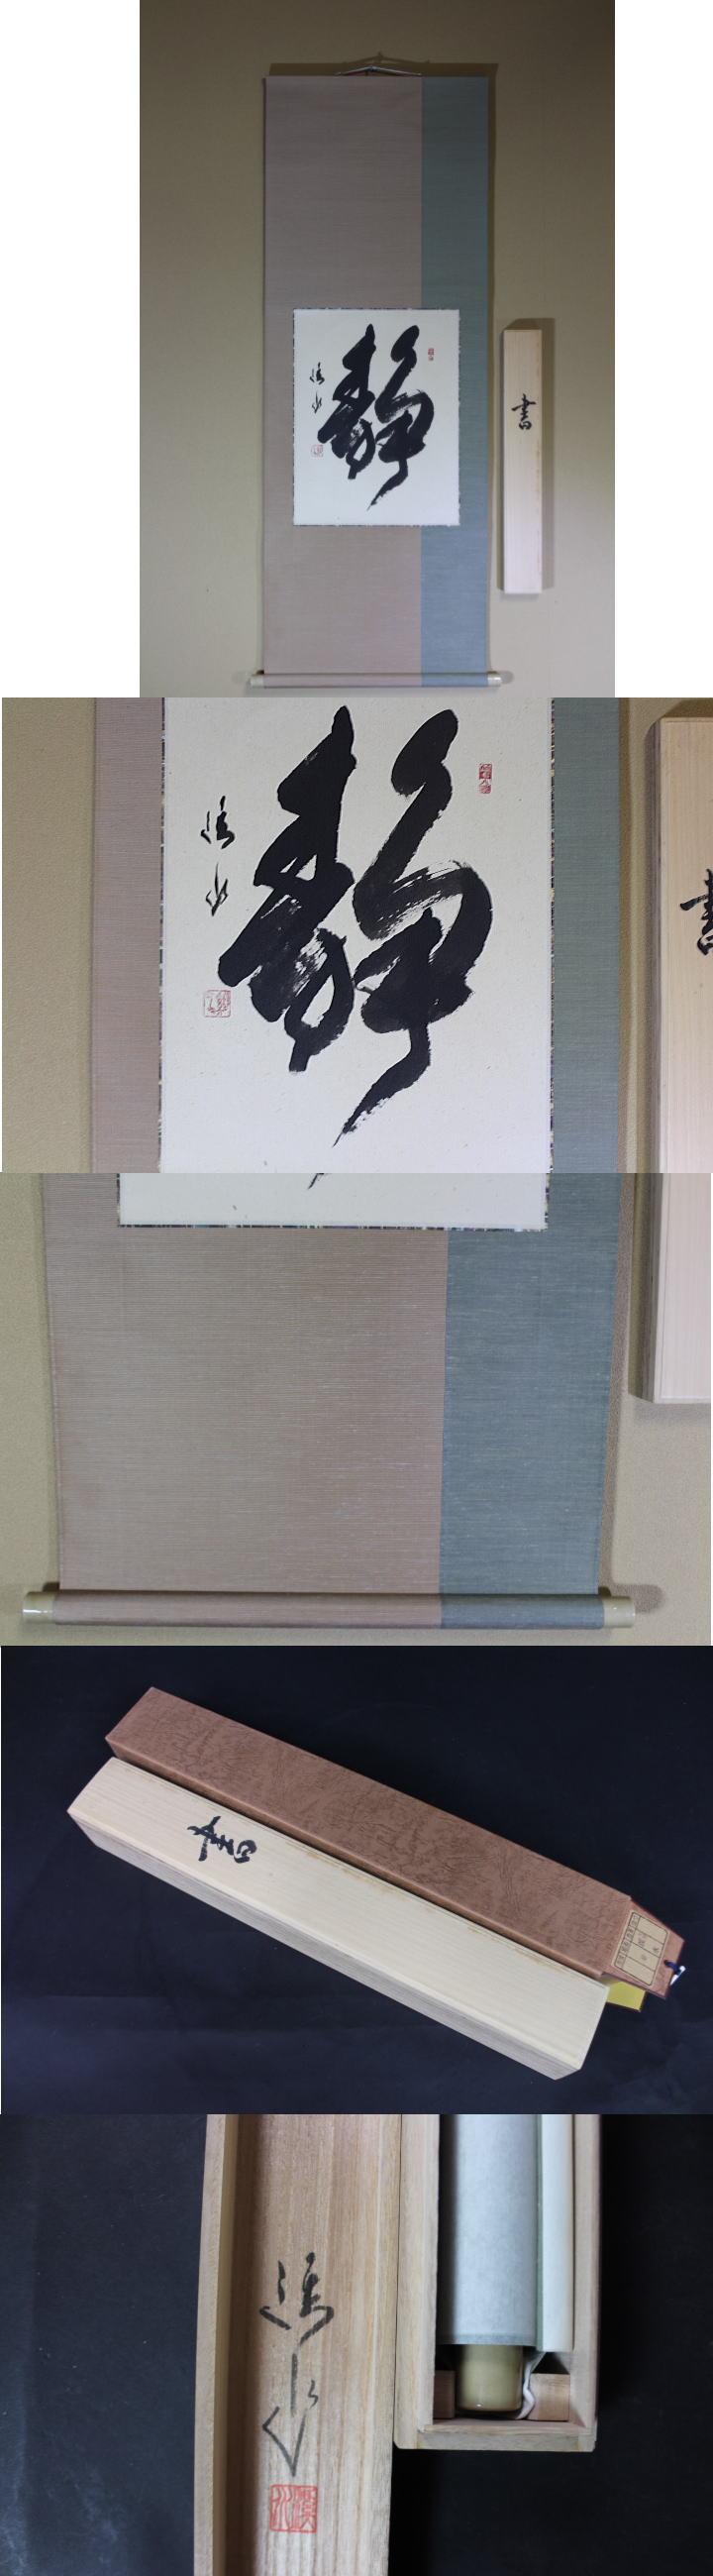 2015-06-18jikusei